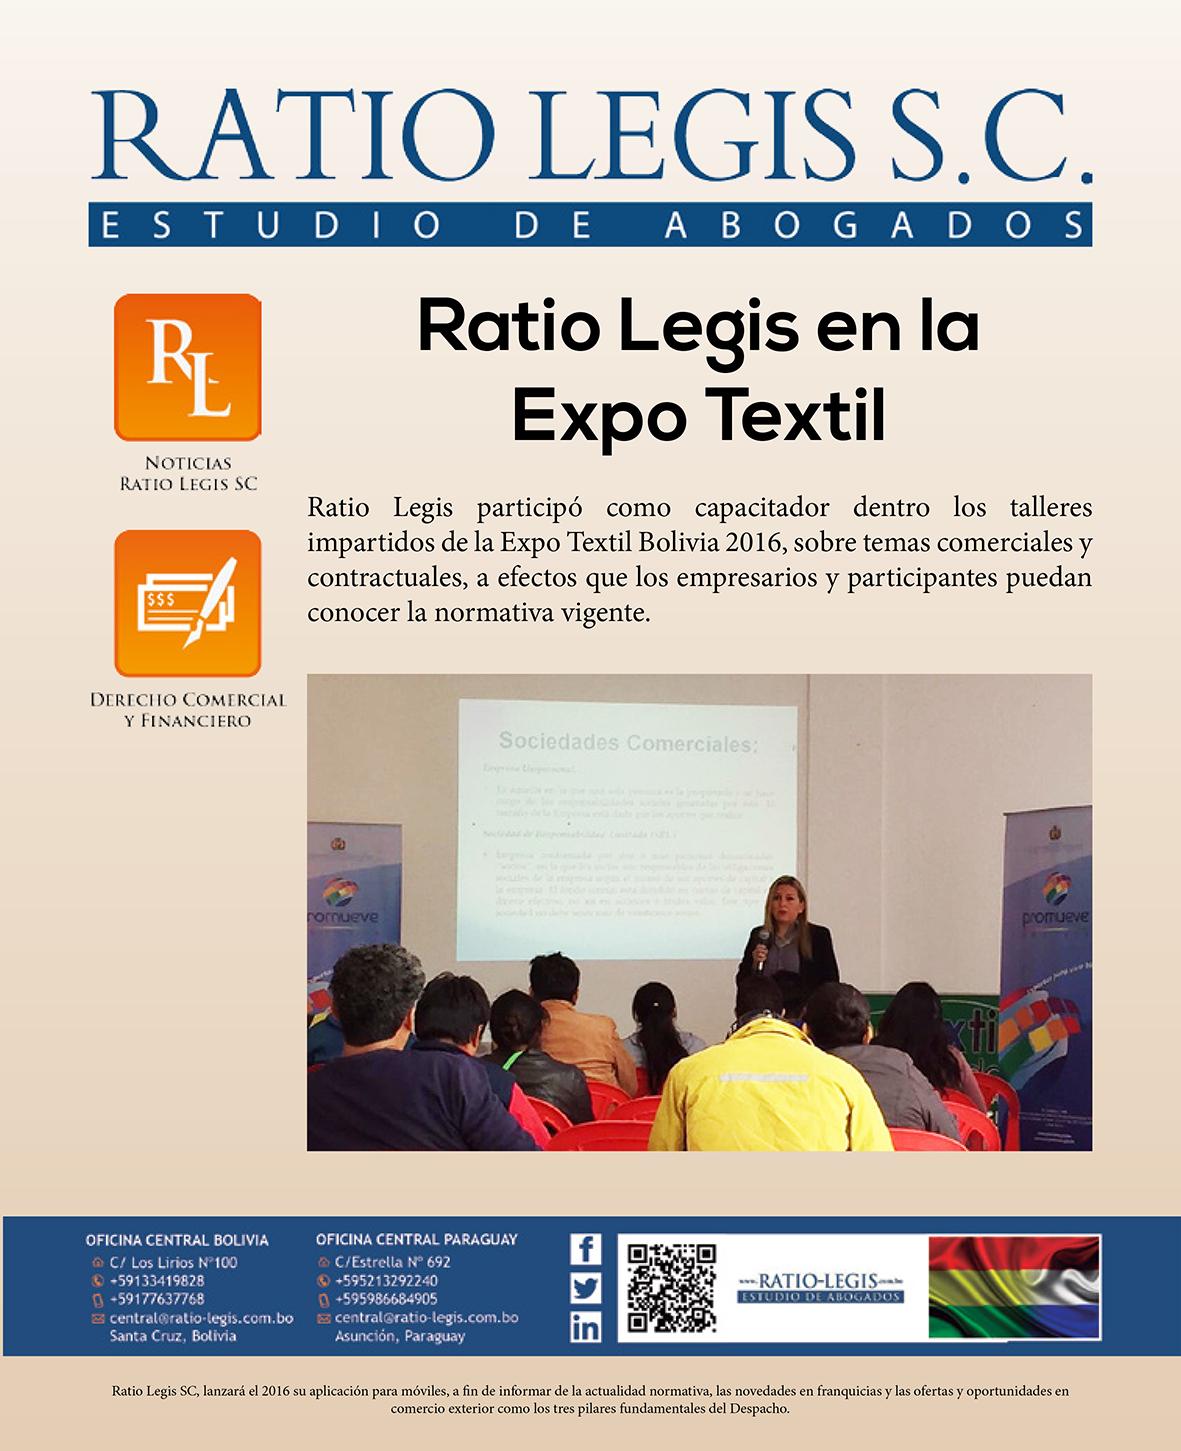 rl-en-la-expo-textil